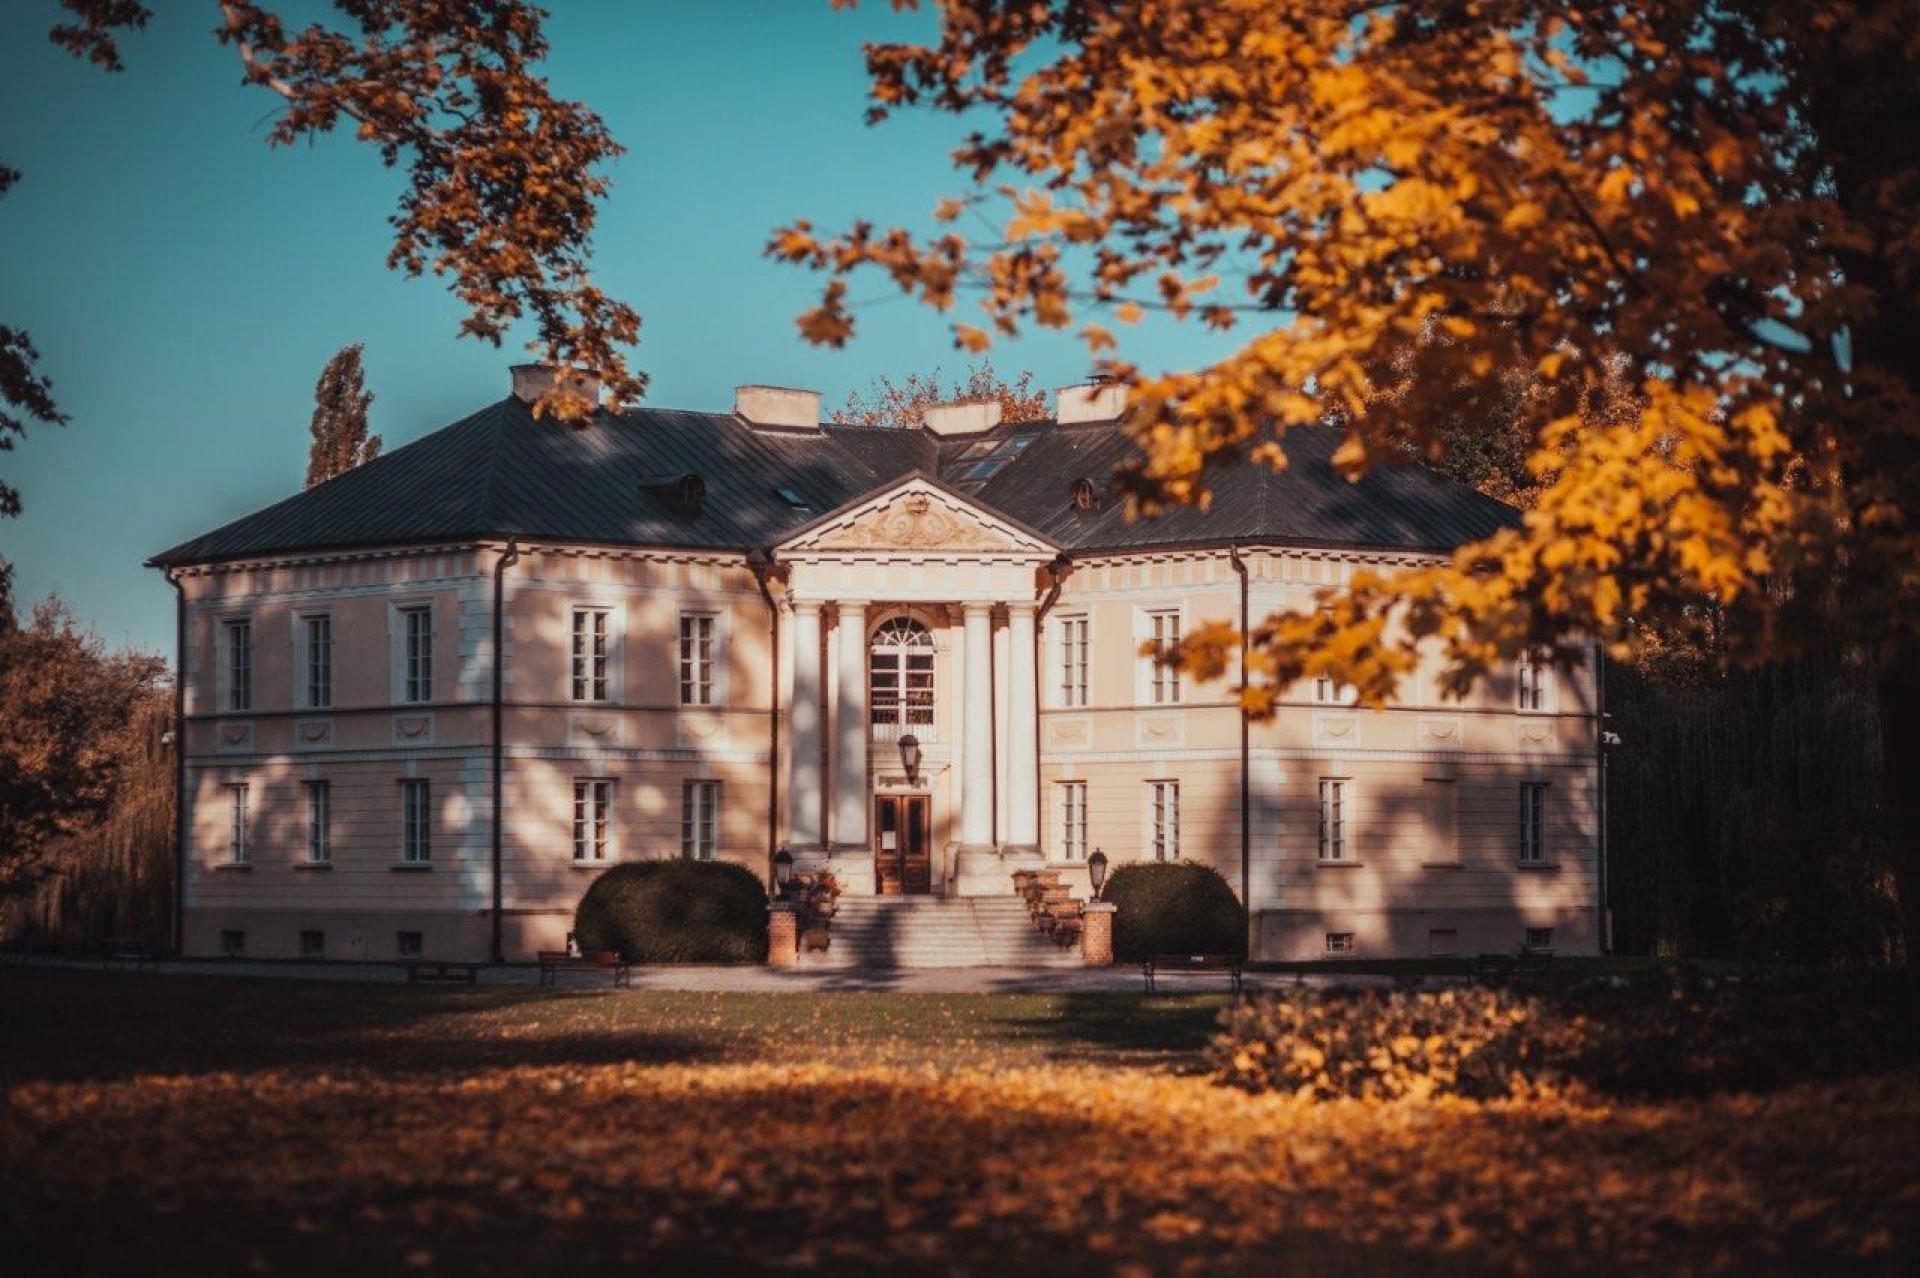 Pośród dotychczasowych laureatów konkursu znajdujemy m.in. zespół pałacowo-parkowy w Dobrzycy który jest siedzibą Muzeum Ziemiaństwa – instytucji kultury samorządu Województwa Wielkopolskiego (edycja 2017)- kliknij aby powiększyć